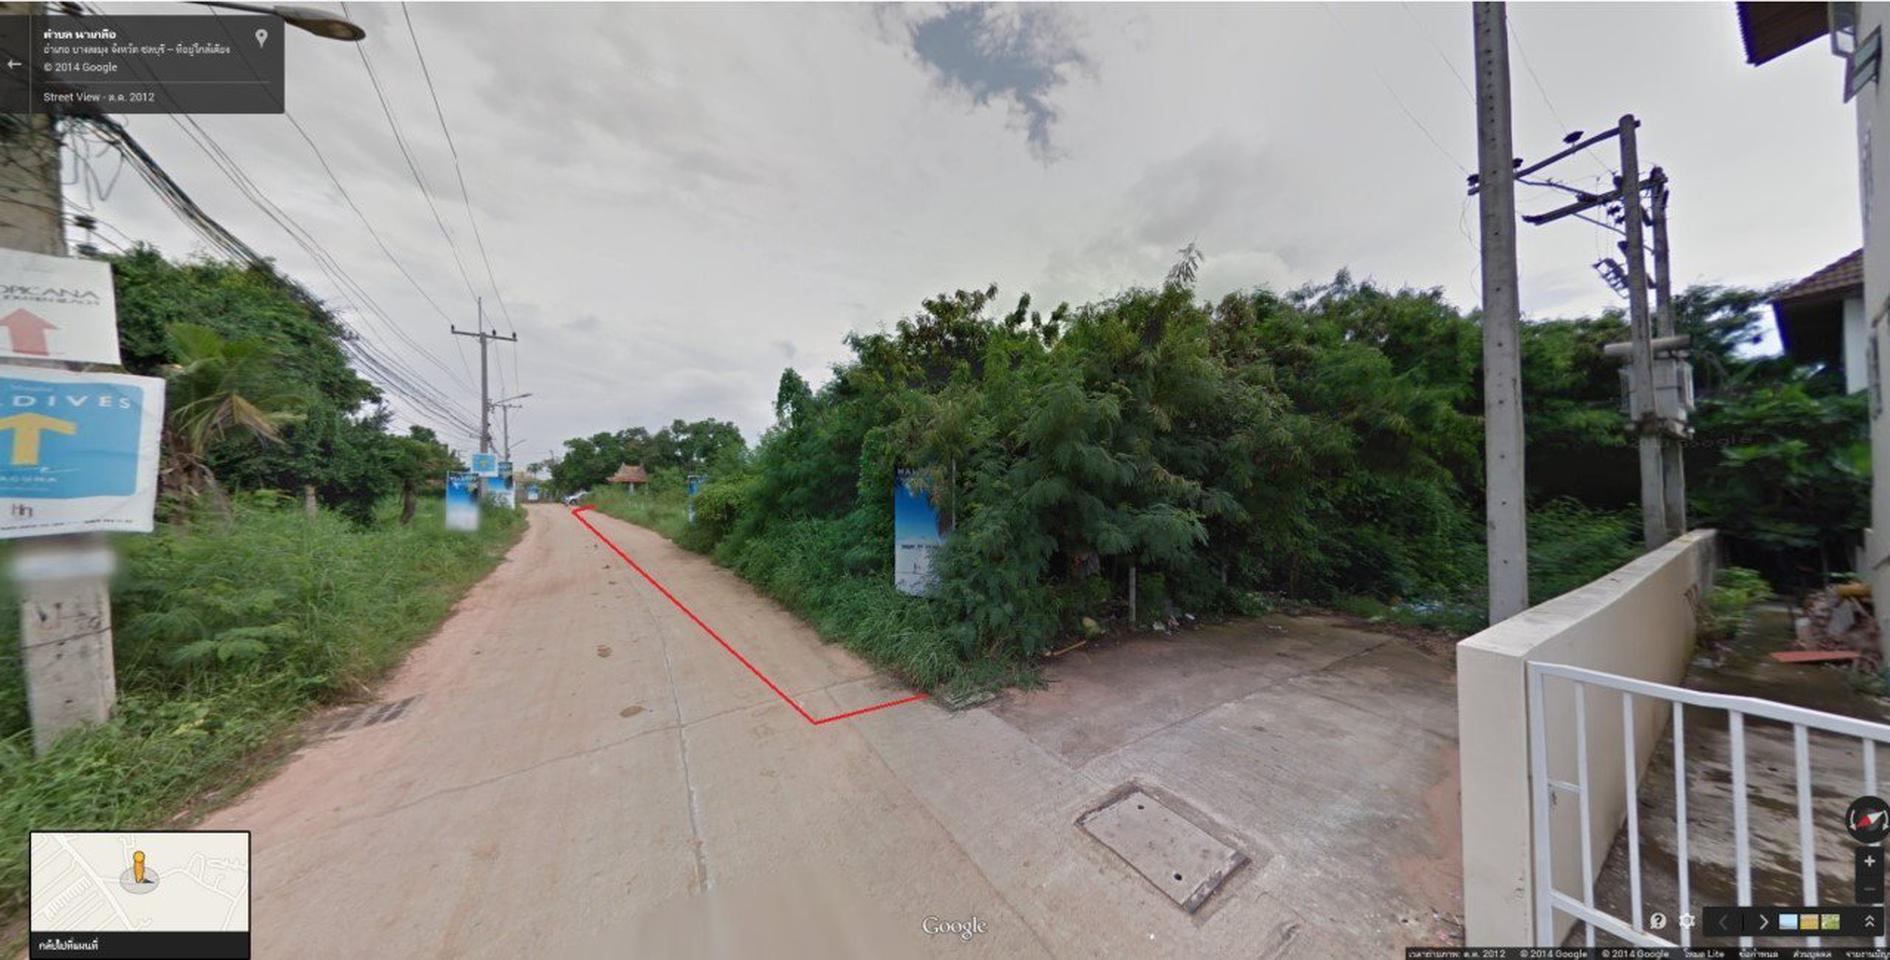 ขายที่ดิน 5 ไร่ 55 ตารางวา หน้ากว้าง 73 เมตร ลึก 121 เมตร ใก้ลหาดพัทยา เหมาะสร้างโรงแรมและดอนโด รูปที่ 3